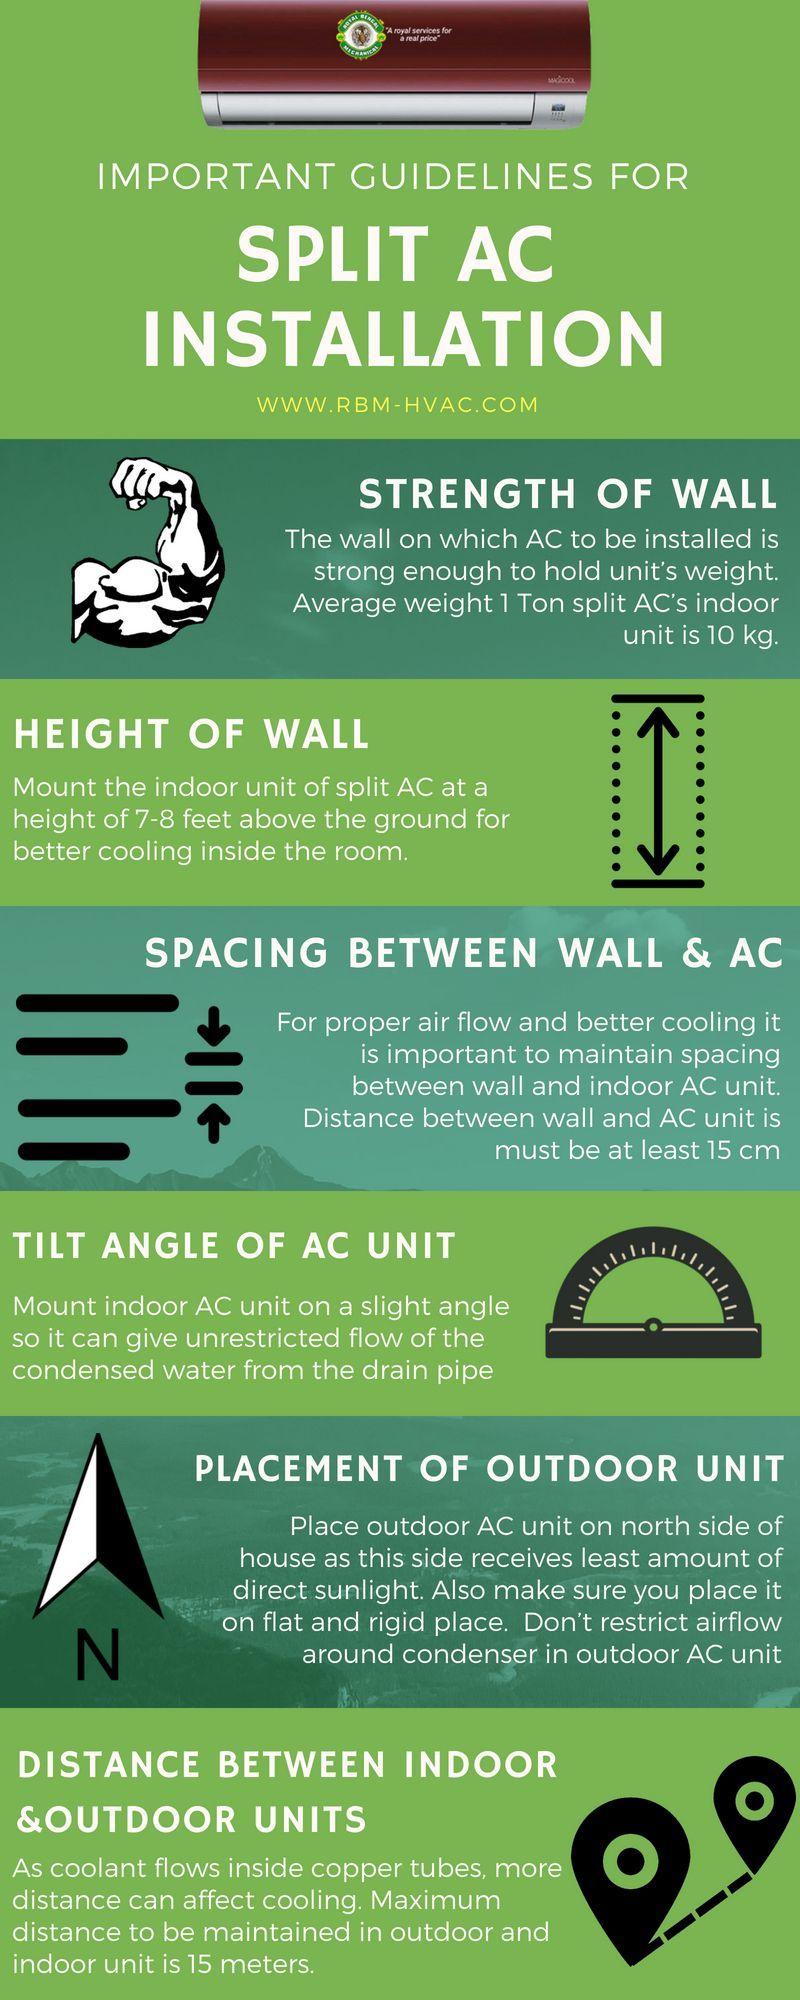 Split AC Installation Guidelines splitacinstallation